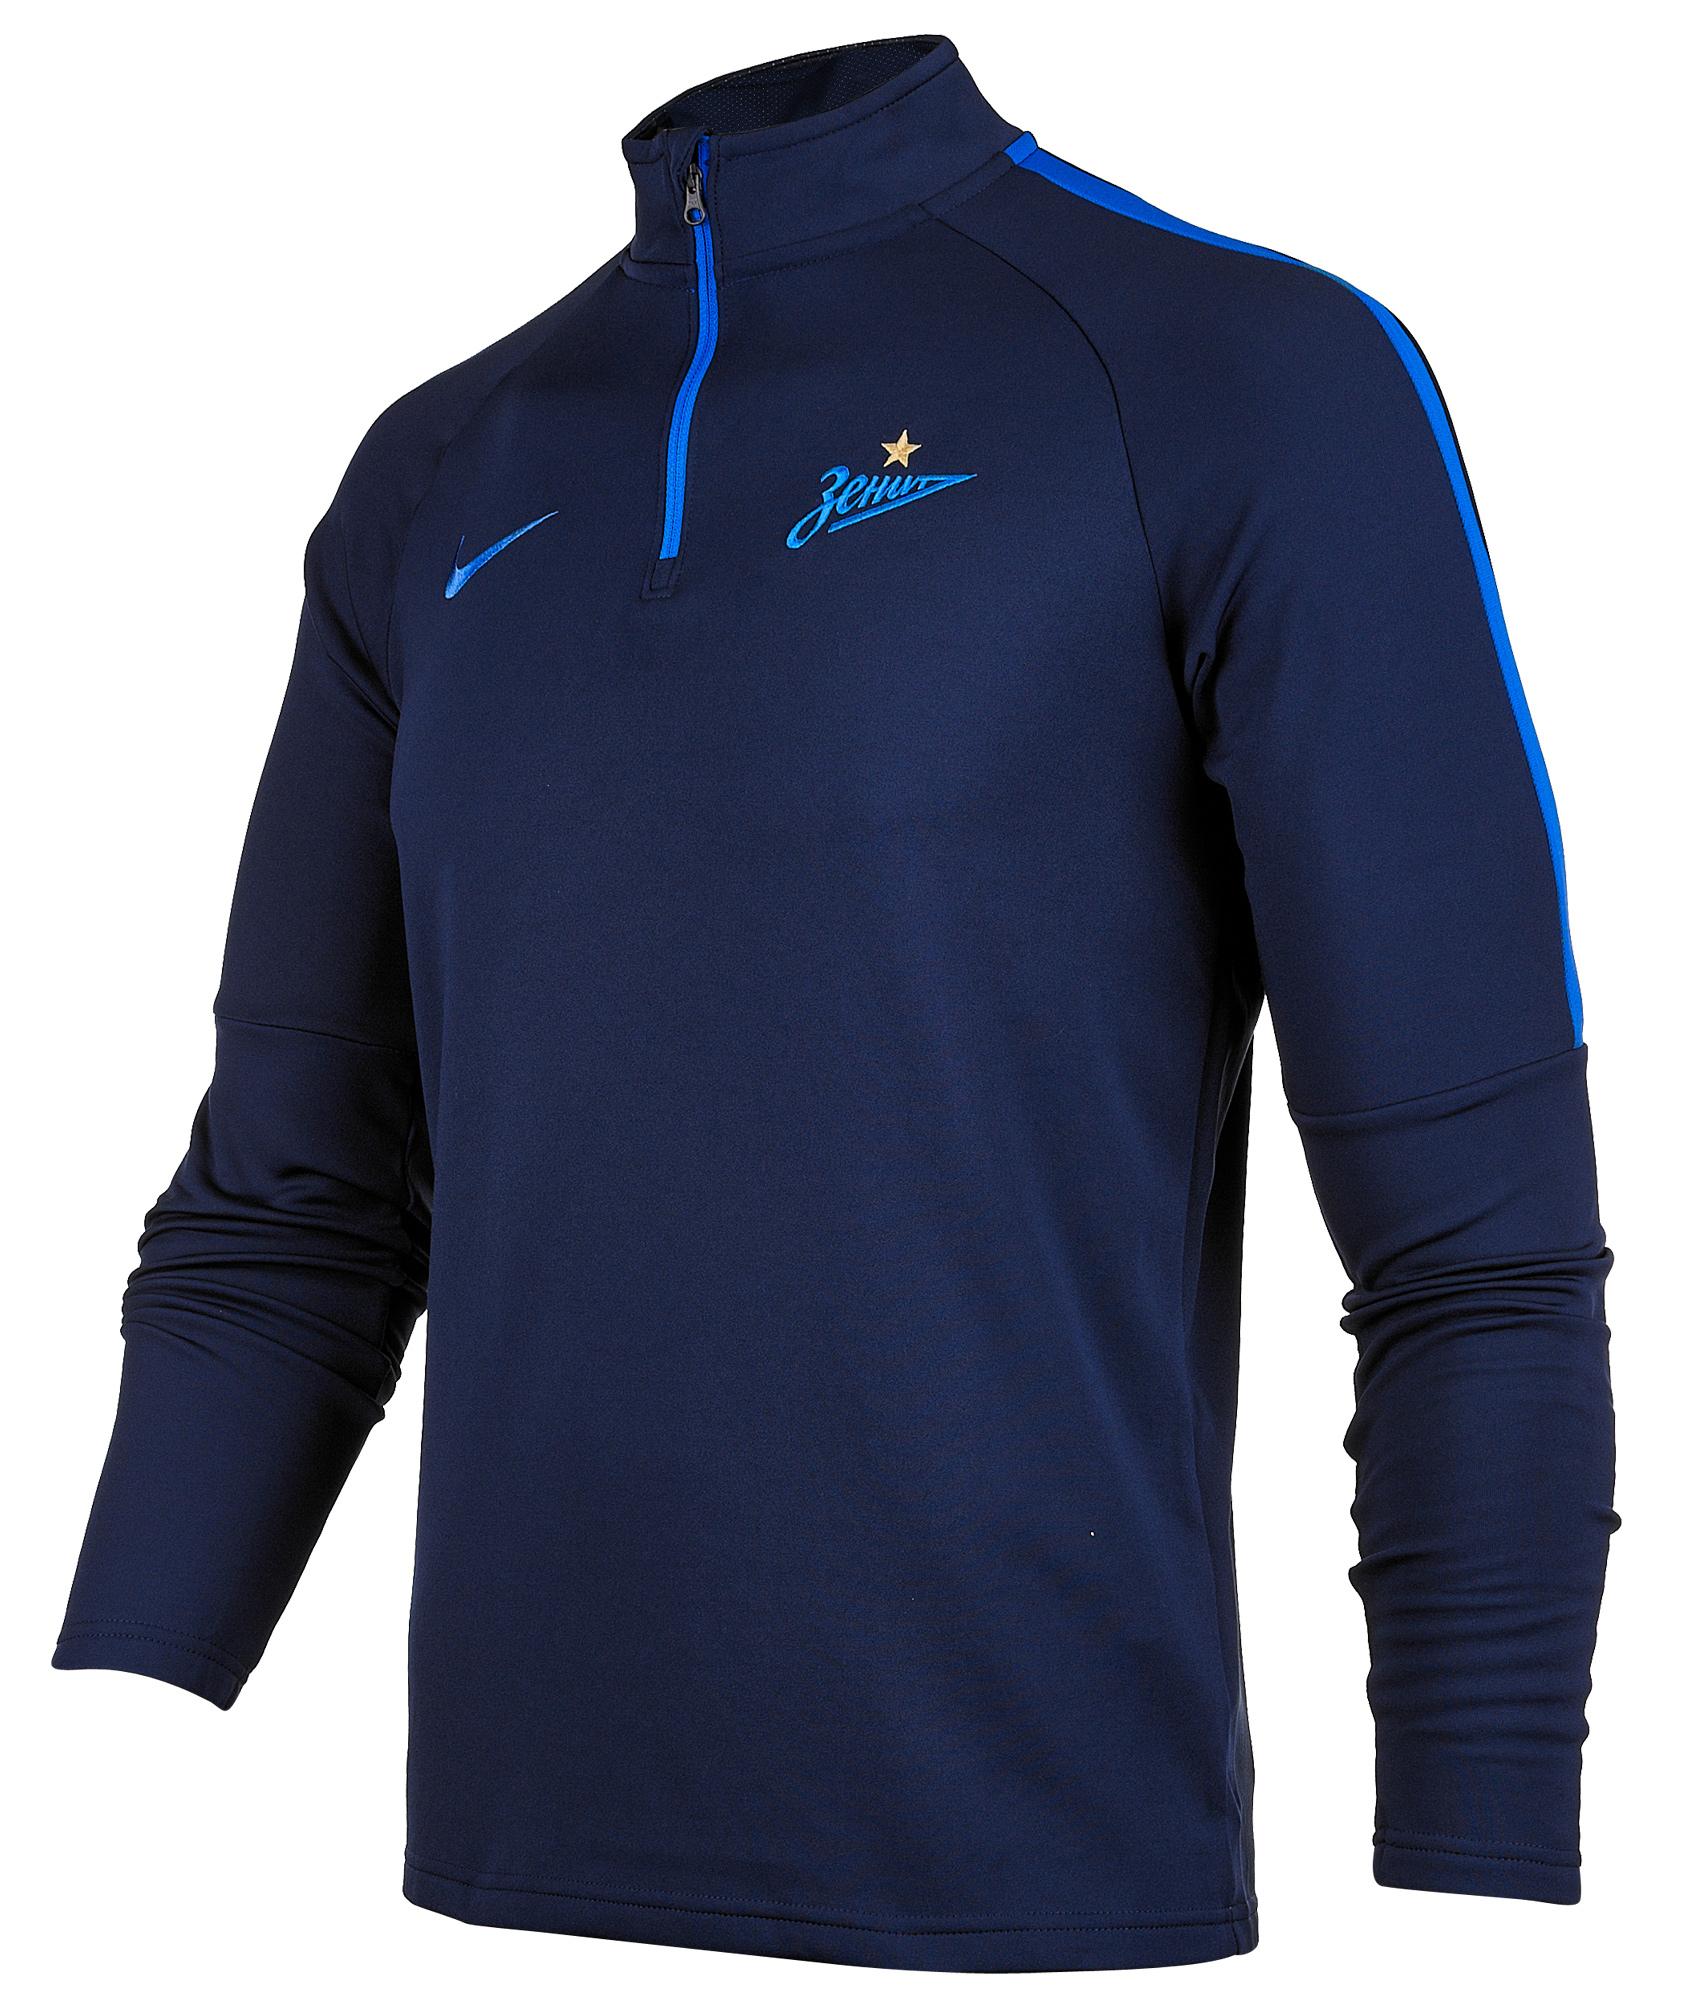 Свитер тренировочный Nike Zenit сезона 2018/19 Nike Цвет-Темно-Синий